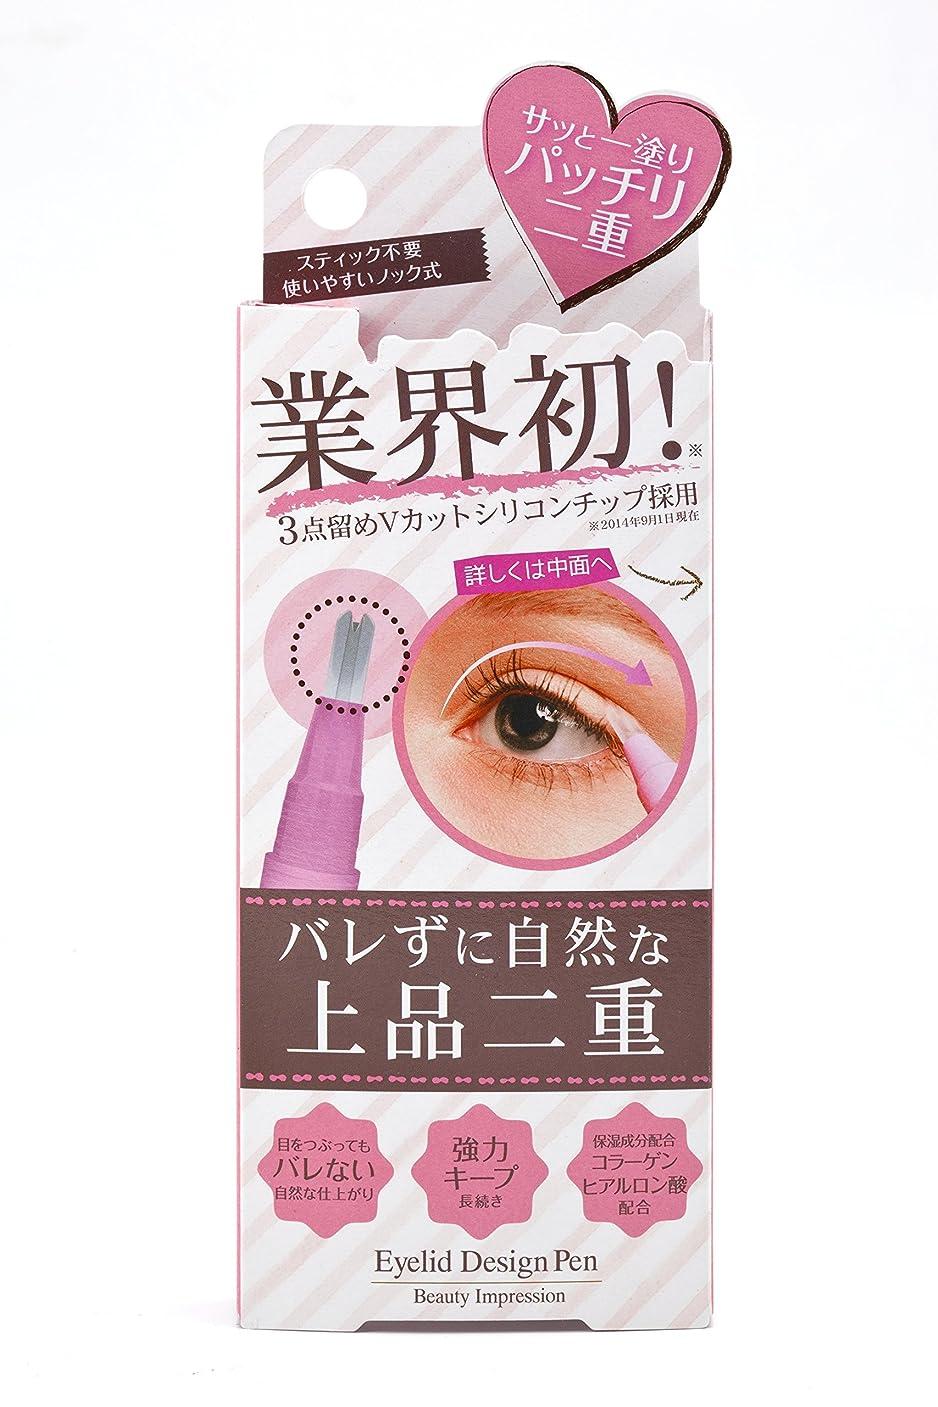 運命最初忠実にビューティーインプレッション(Beauty Impression) アイリッドデザインペン 2ml (二重まぶた形成化粧品)